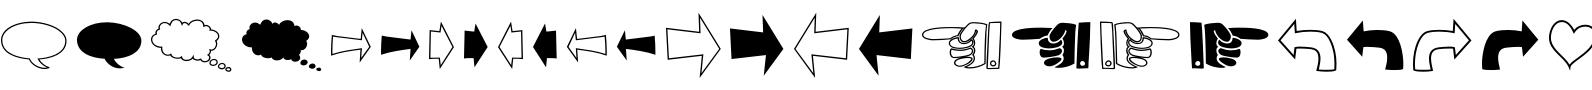 Doinkbats